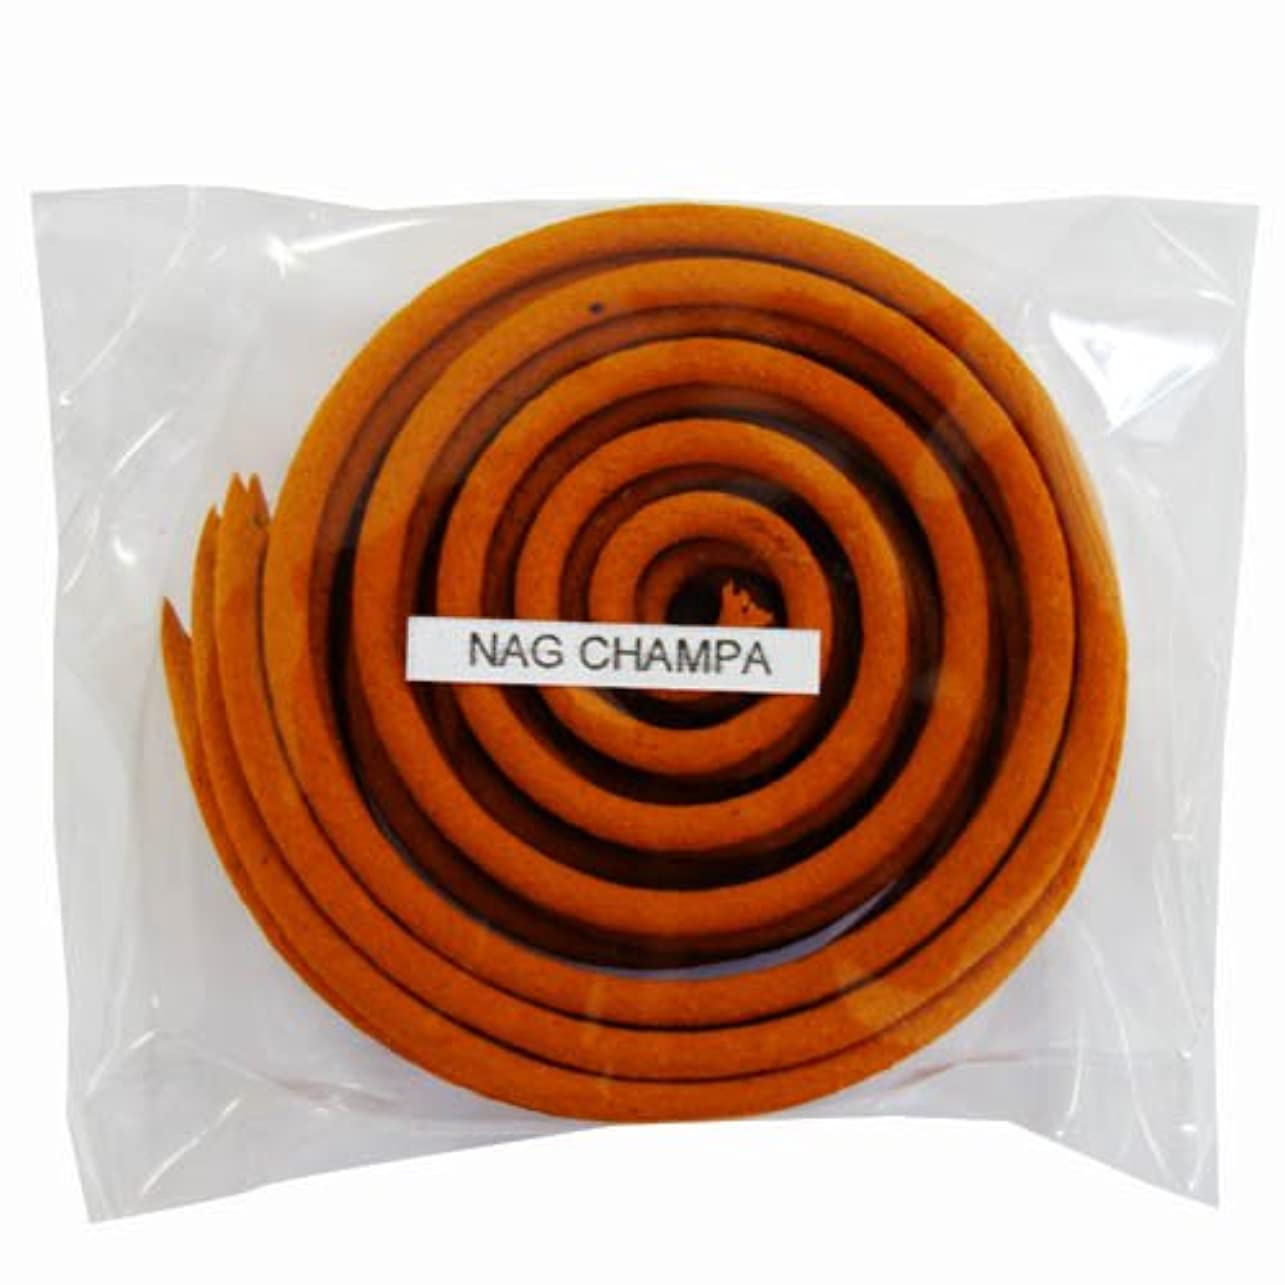 干し草瞑想するスクレーパーお香/うずまき香 NAG CHAMPA ナグチャンパ 直径6.5cm×5巻セット [並行輸入品]